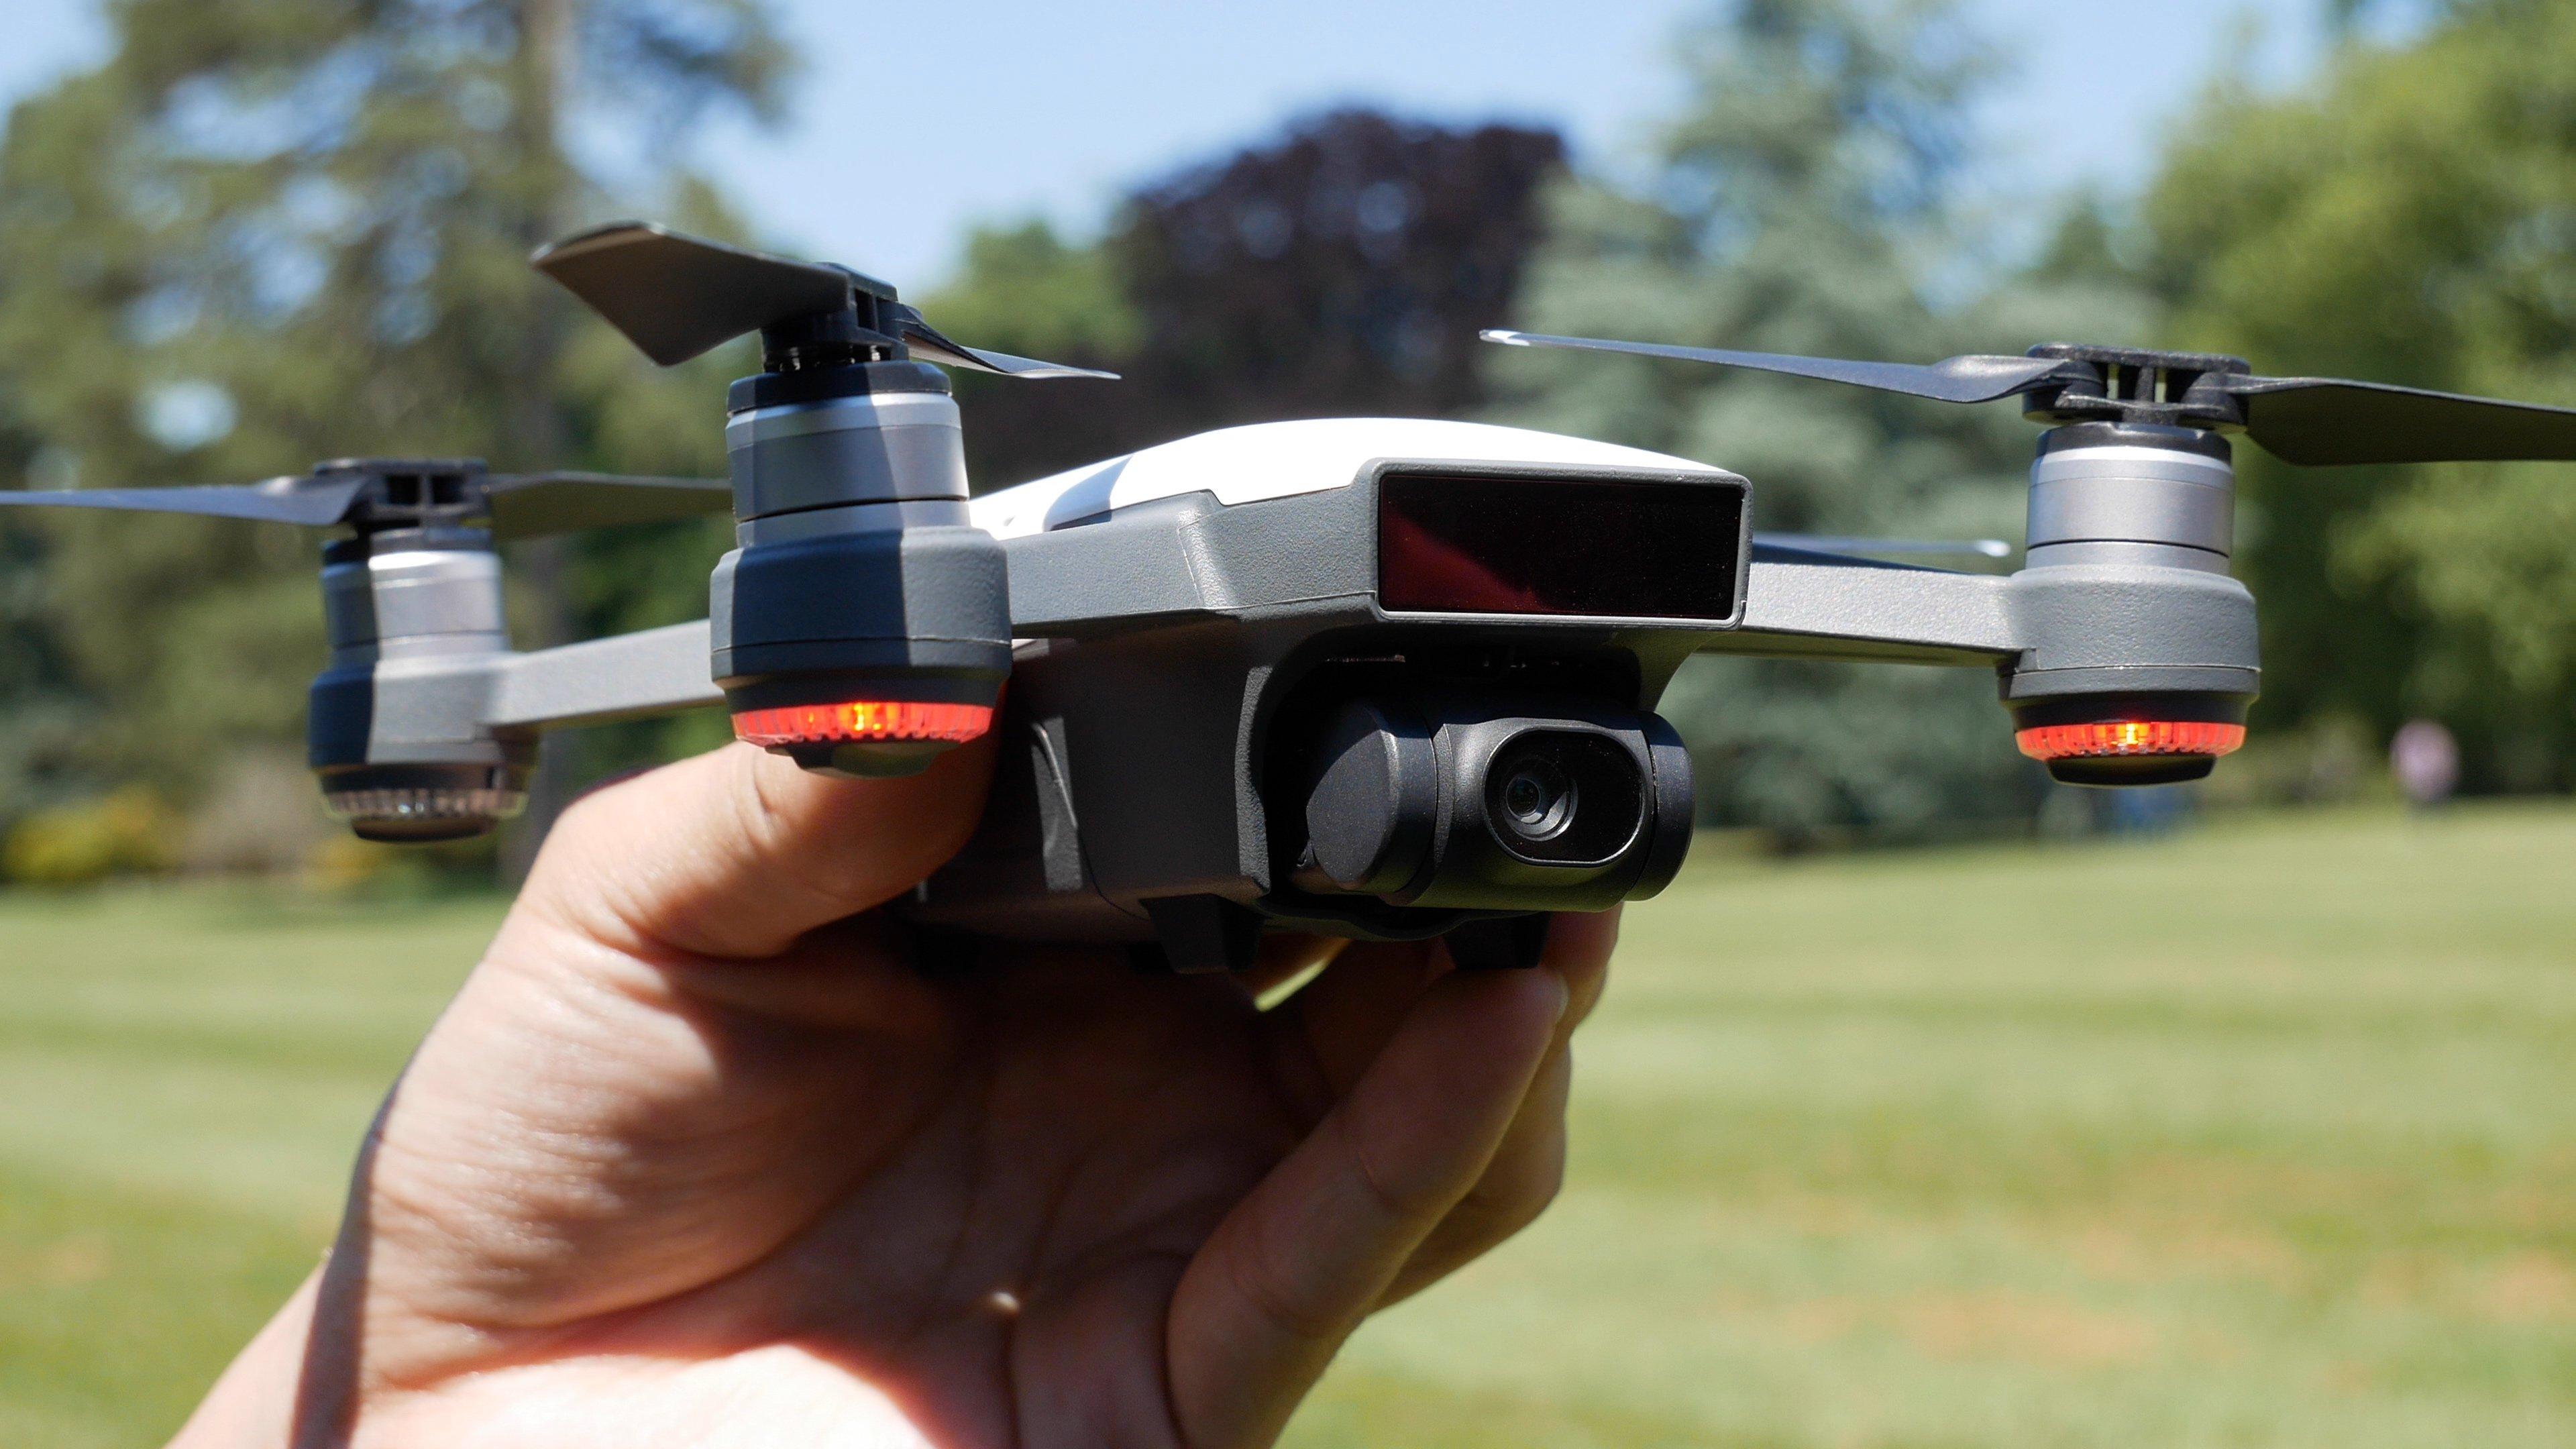 test du dji spark le mini drone qu 39 on commande au doigt. Black Bedroom Furniture Sets. Home Design Ideas